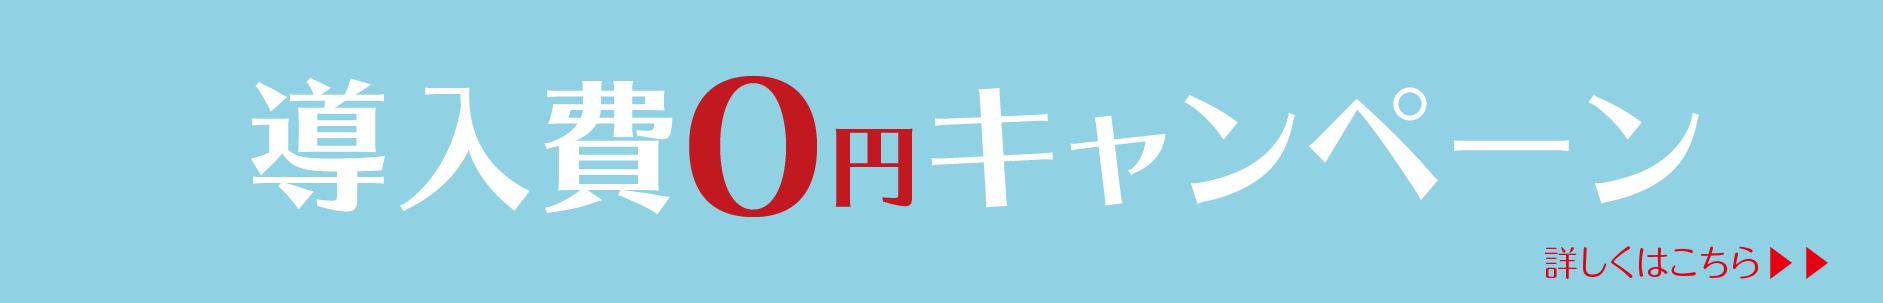 導入費0円キャンペーン